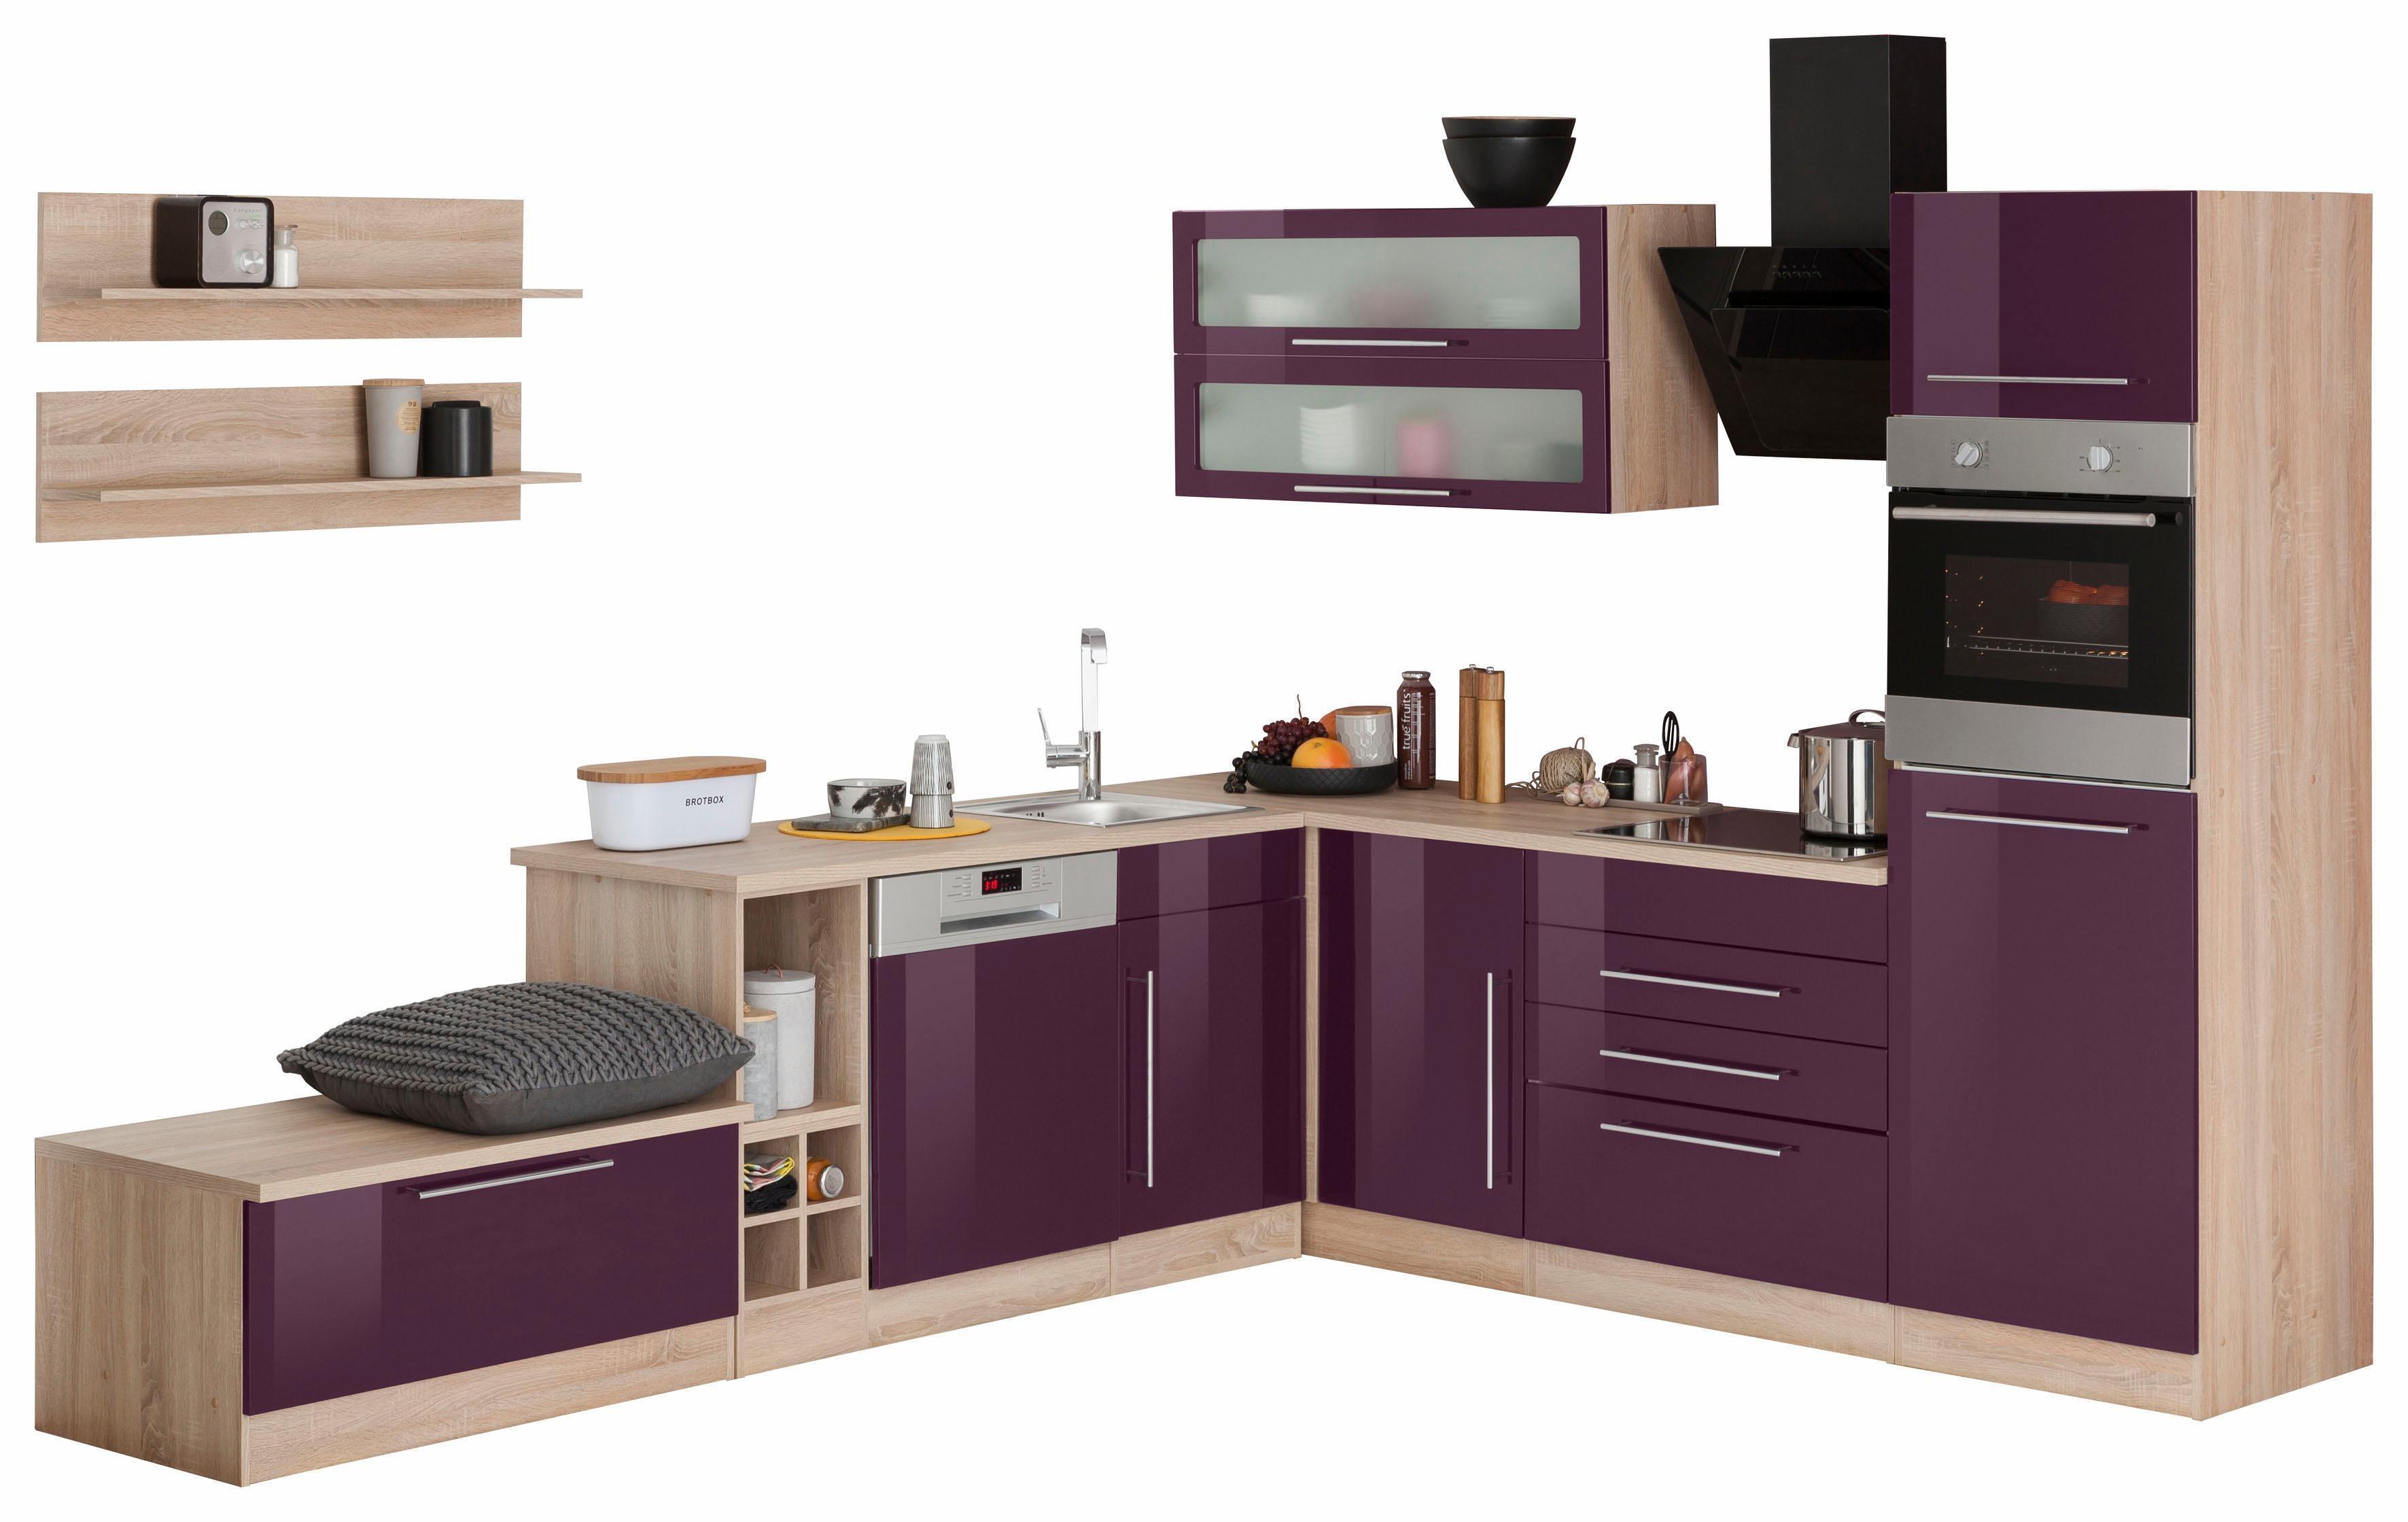 hochglanz spanplatte winkelk chen online kaufen m bel suchmaschine. Black Bedroom Furniture Sets. Home Design Ideas